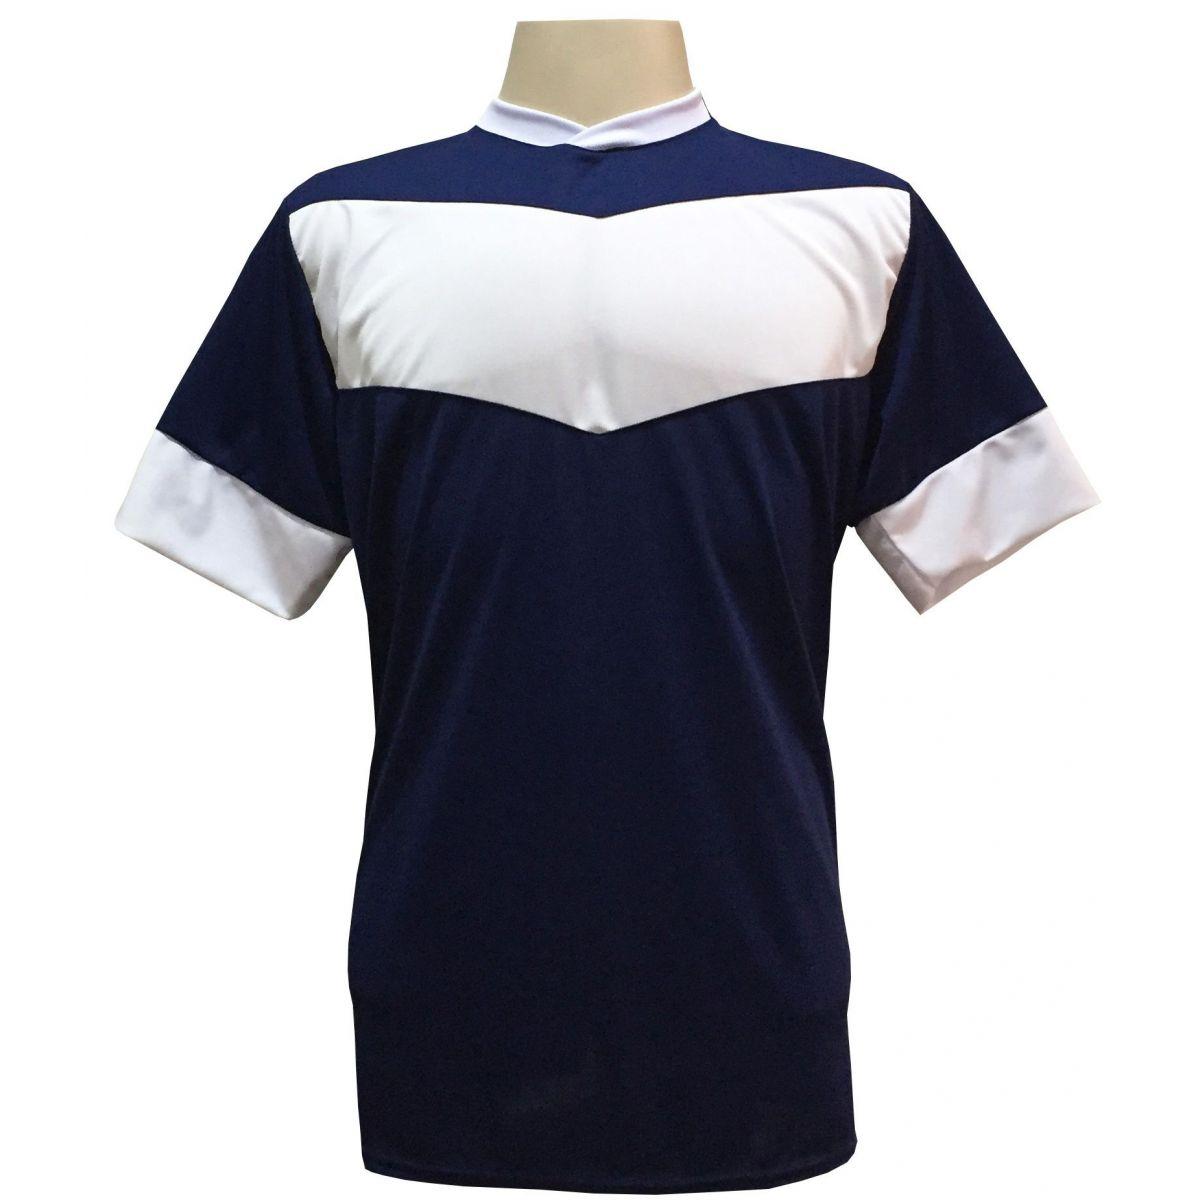 Jogo de Camisa com 18 unidades modelo Columbus Marinho/Branco + Brindes